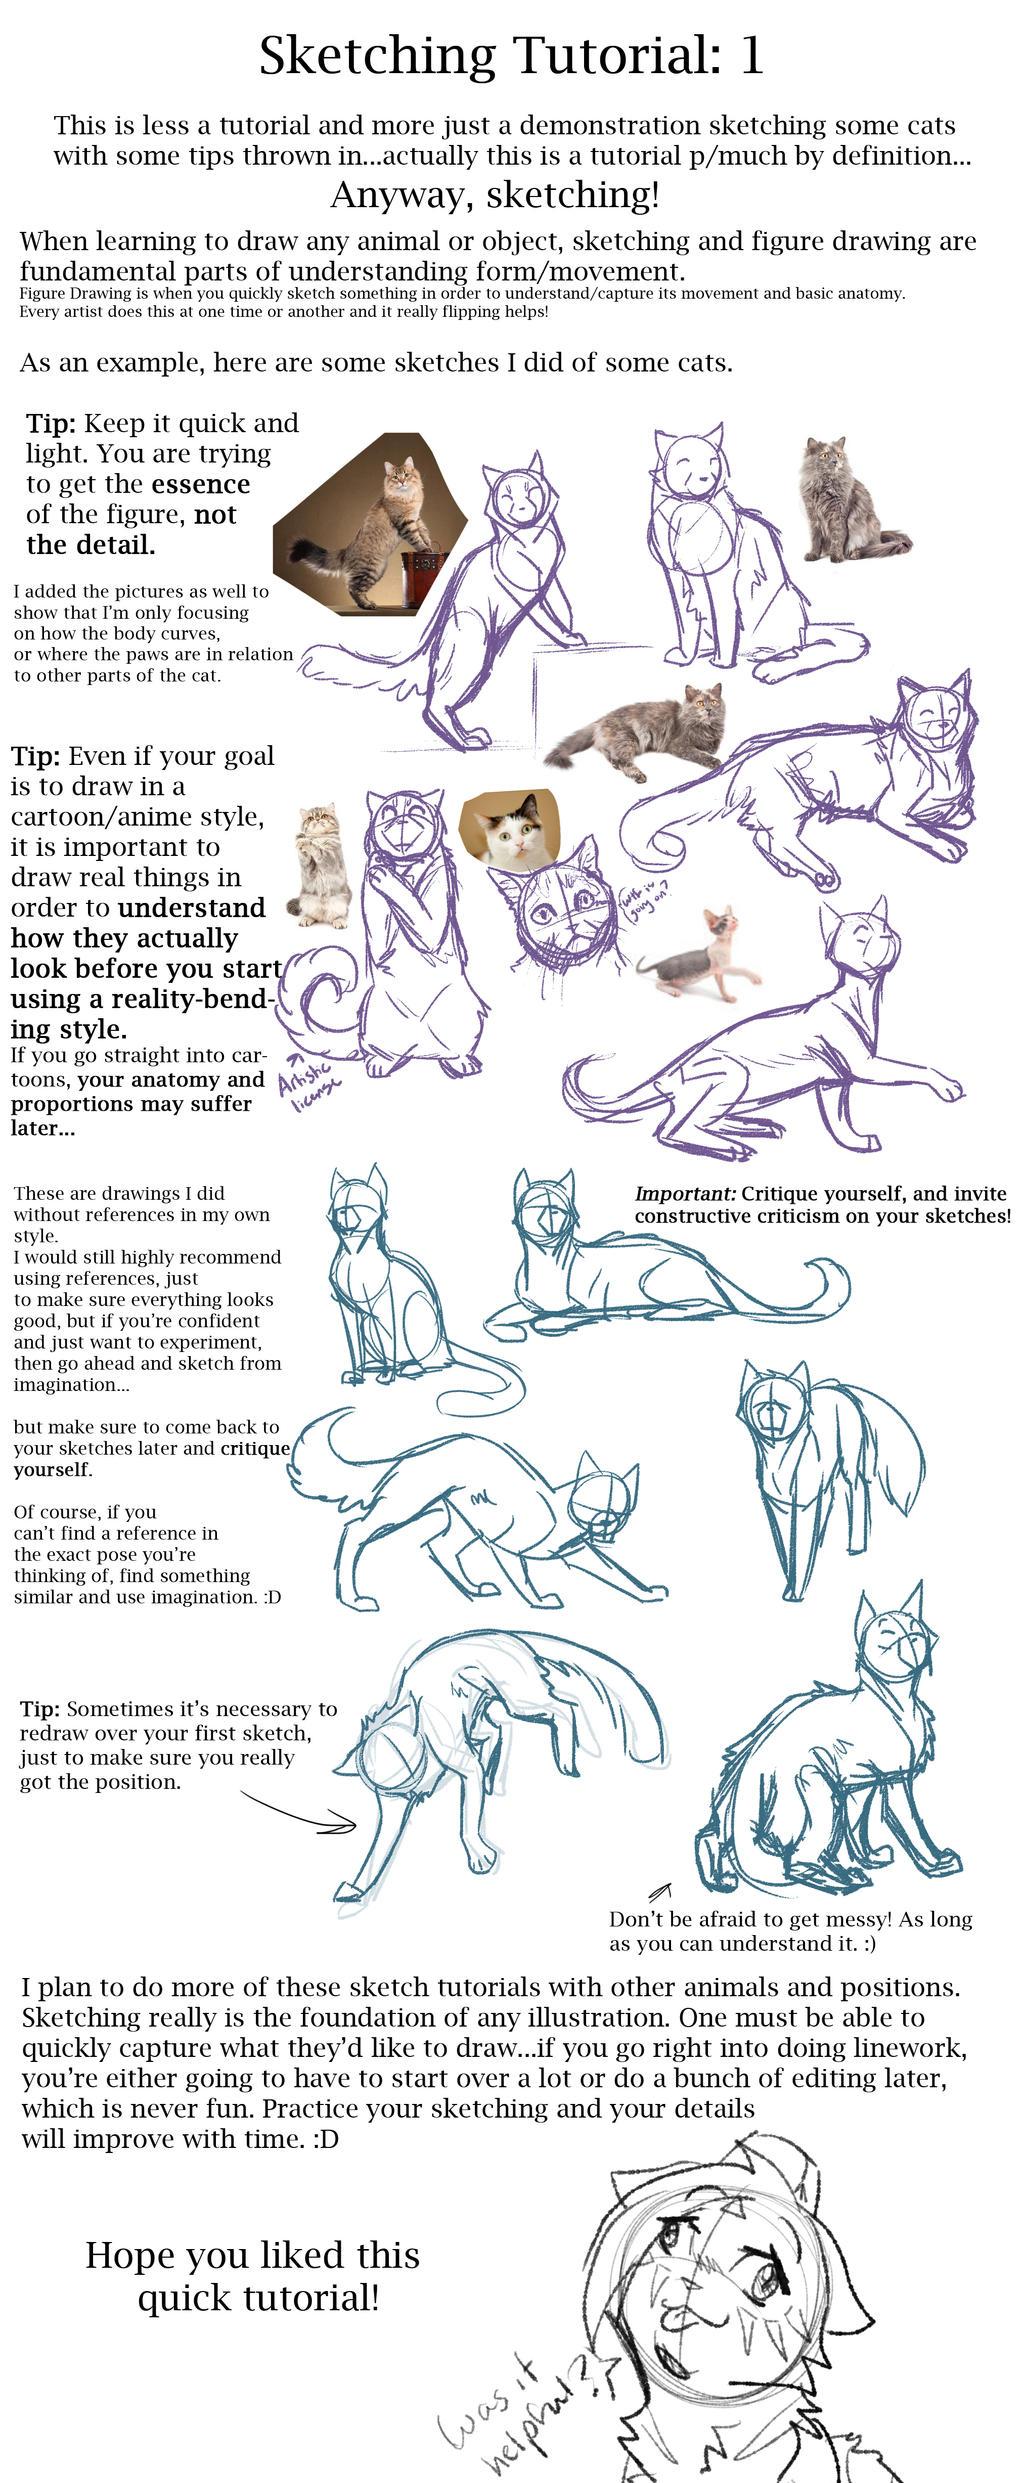 sketch tutorial 1 by riverspirit456 sketch tutorial 1 by riverspirit456